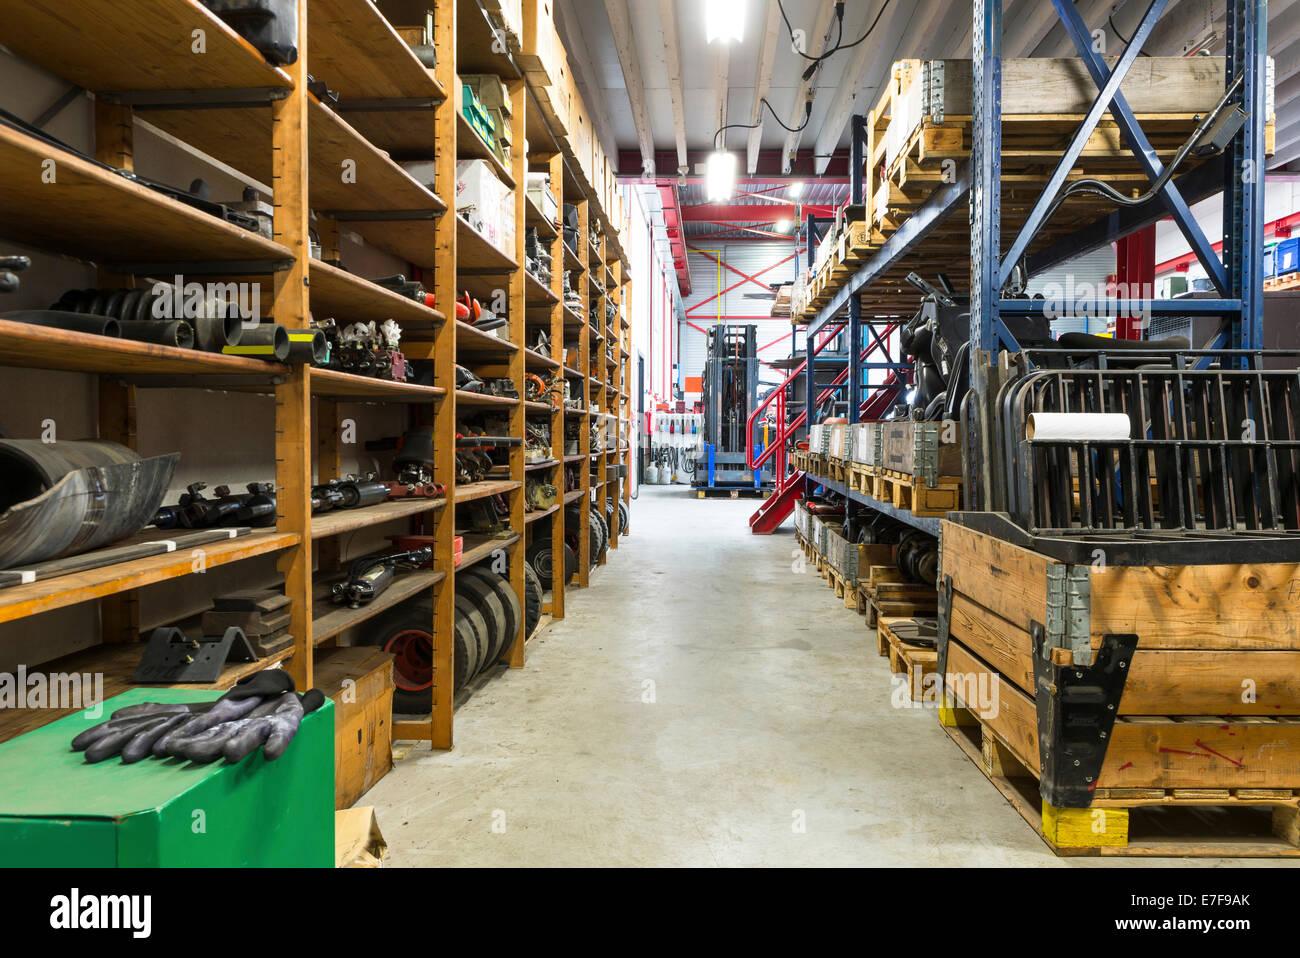 Des étagères, des outils et des allées de l'entrepôt Photo Stock